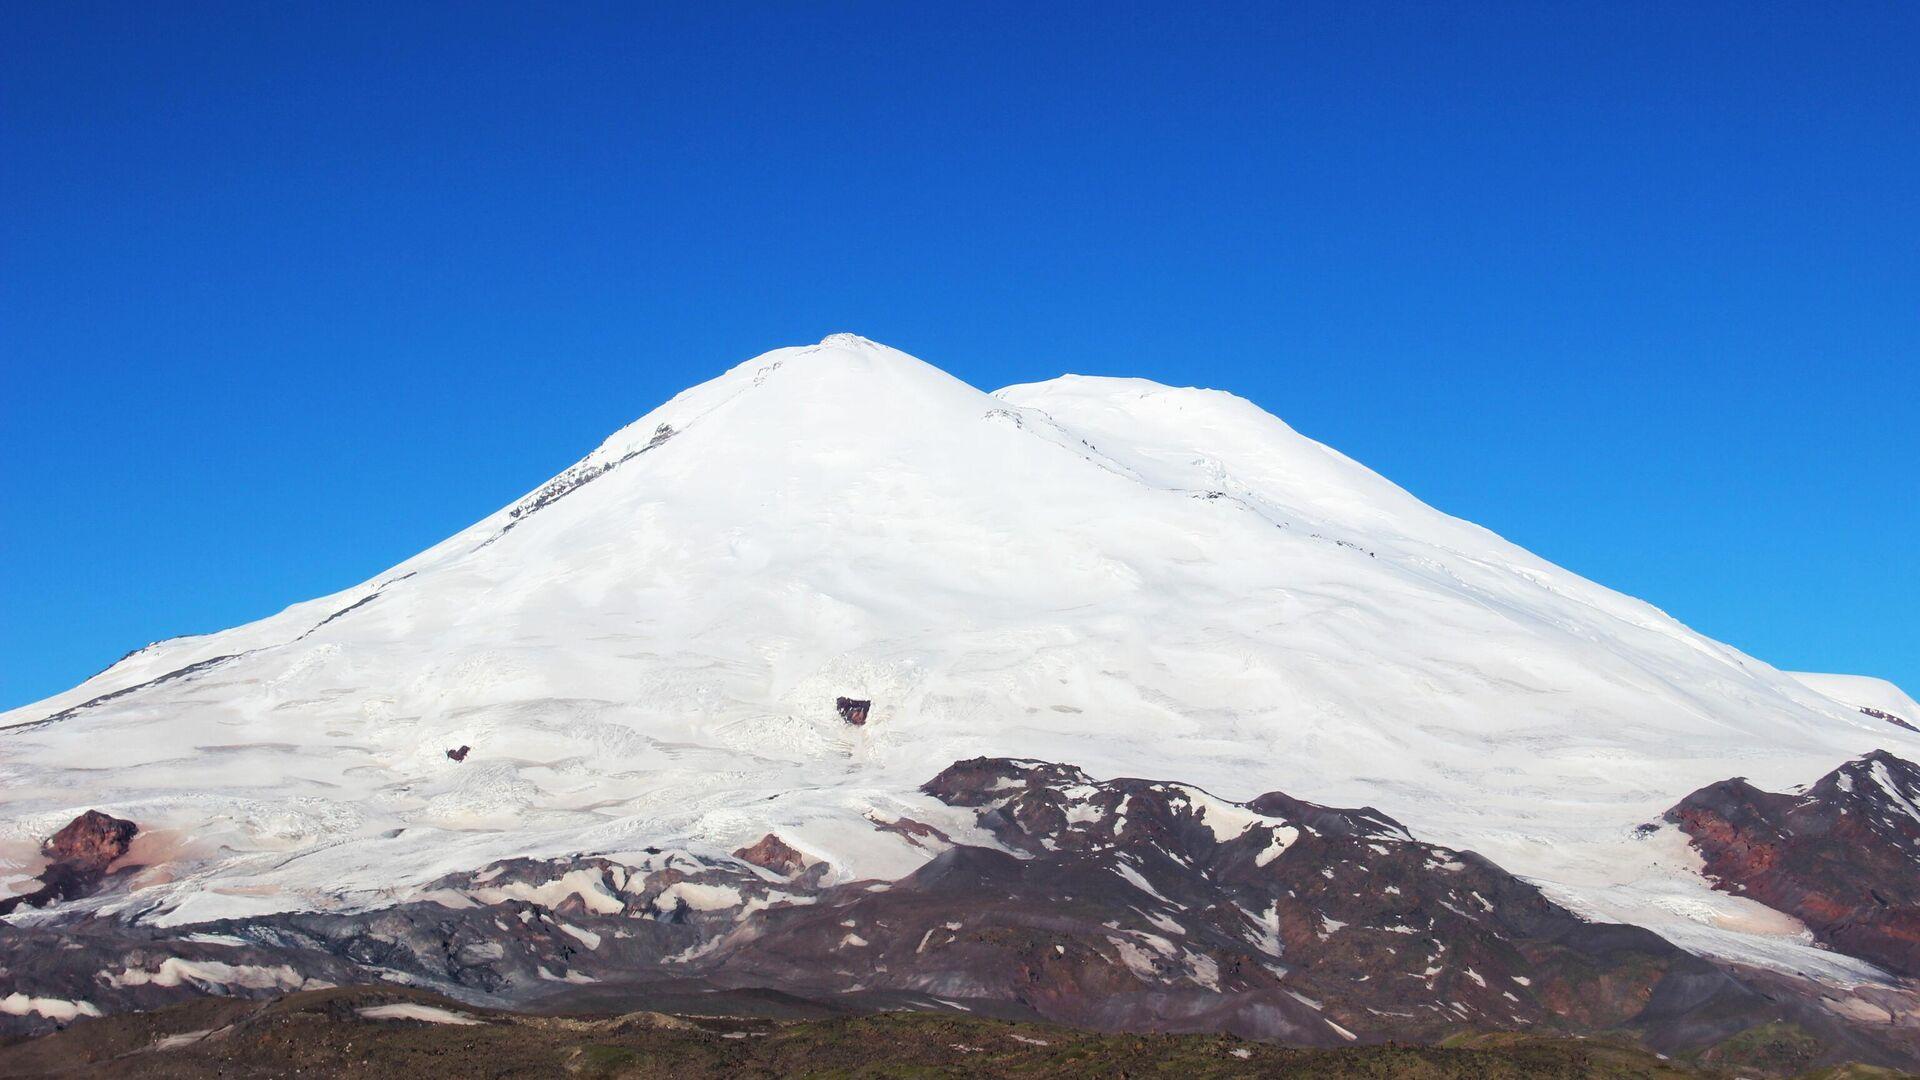 1564287824 0:160:3072:1888 1920x0 80 0 0 33ef30bc28e2a1e5ac8aeba47eb8e229 - От Подмосковья до Эльбруса. Загулявших альпинистов нашли высоко в горах